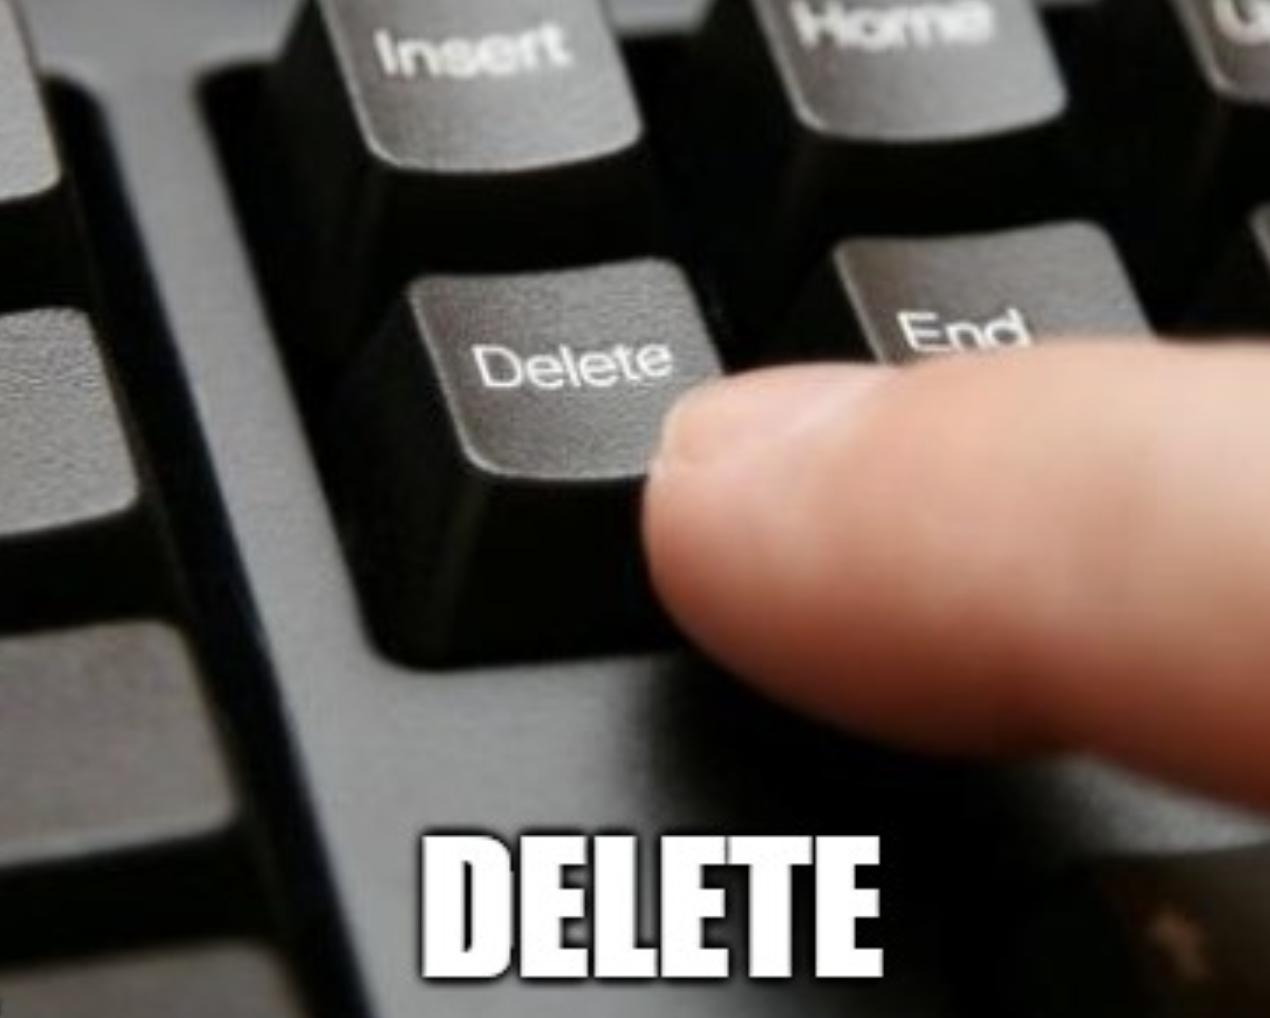 meme delete keyboard